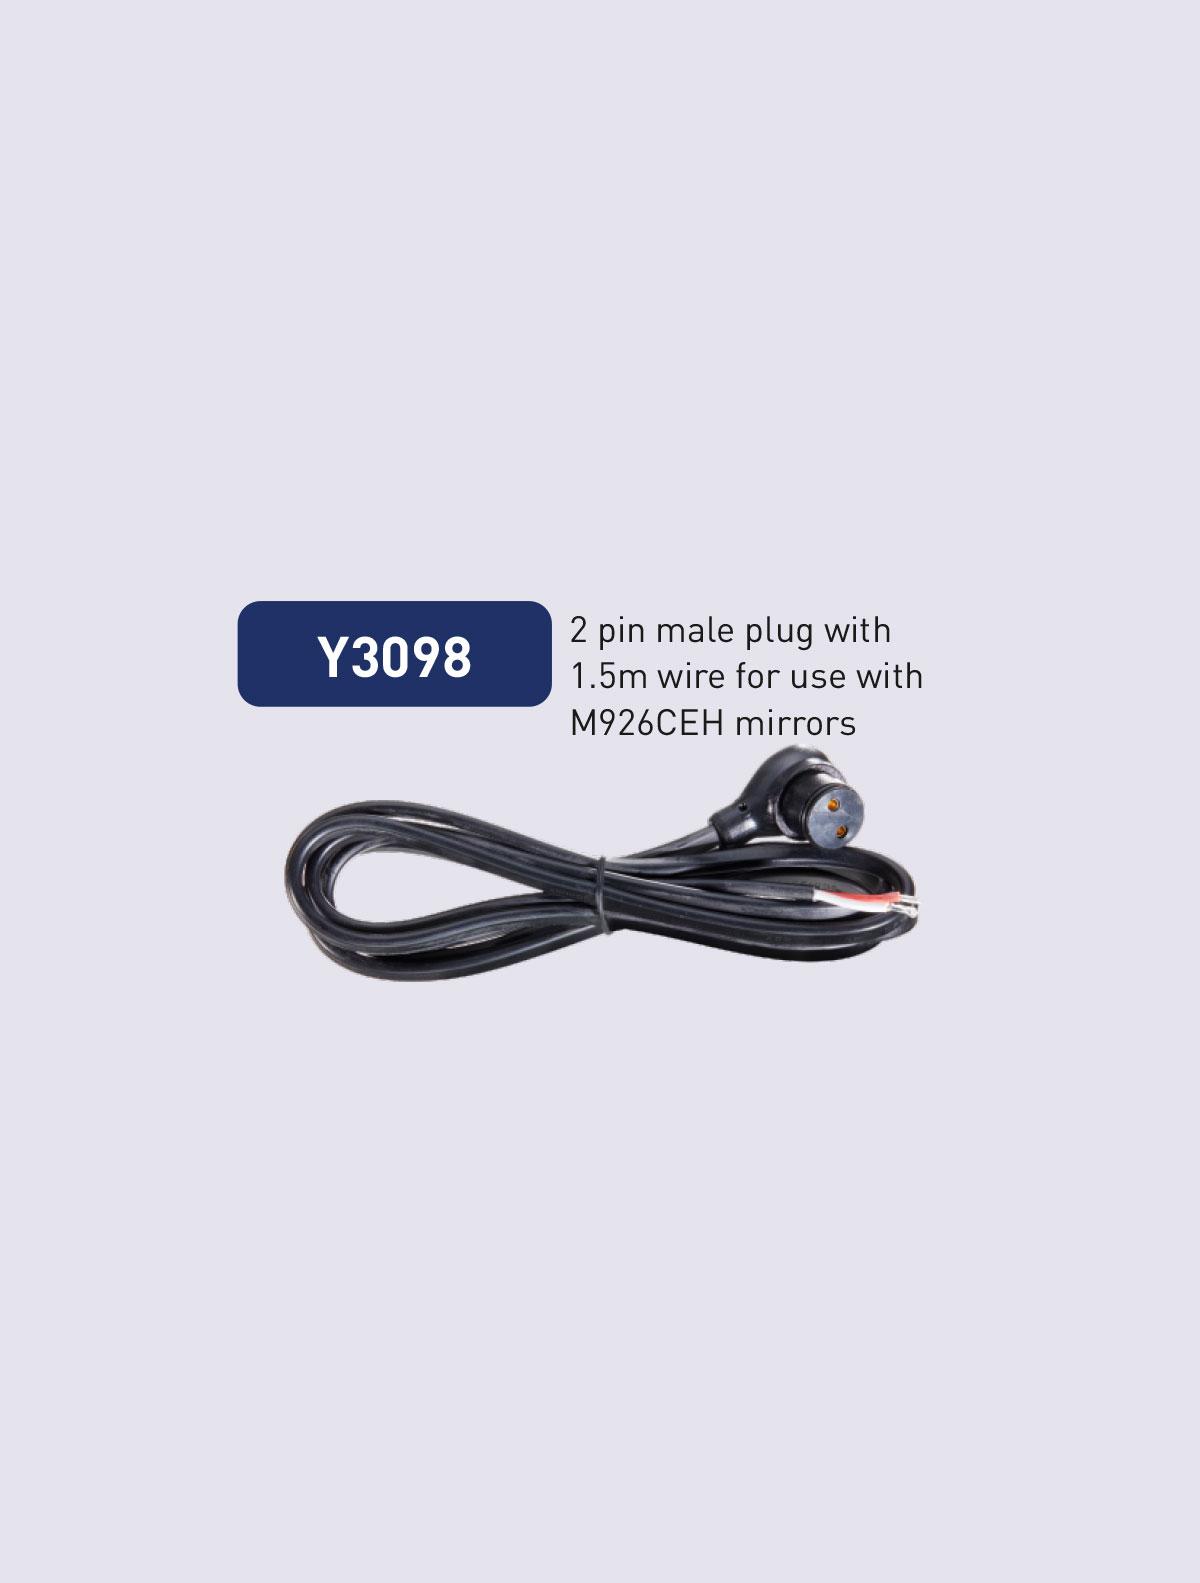 Y3098 cable